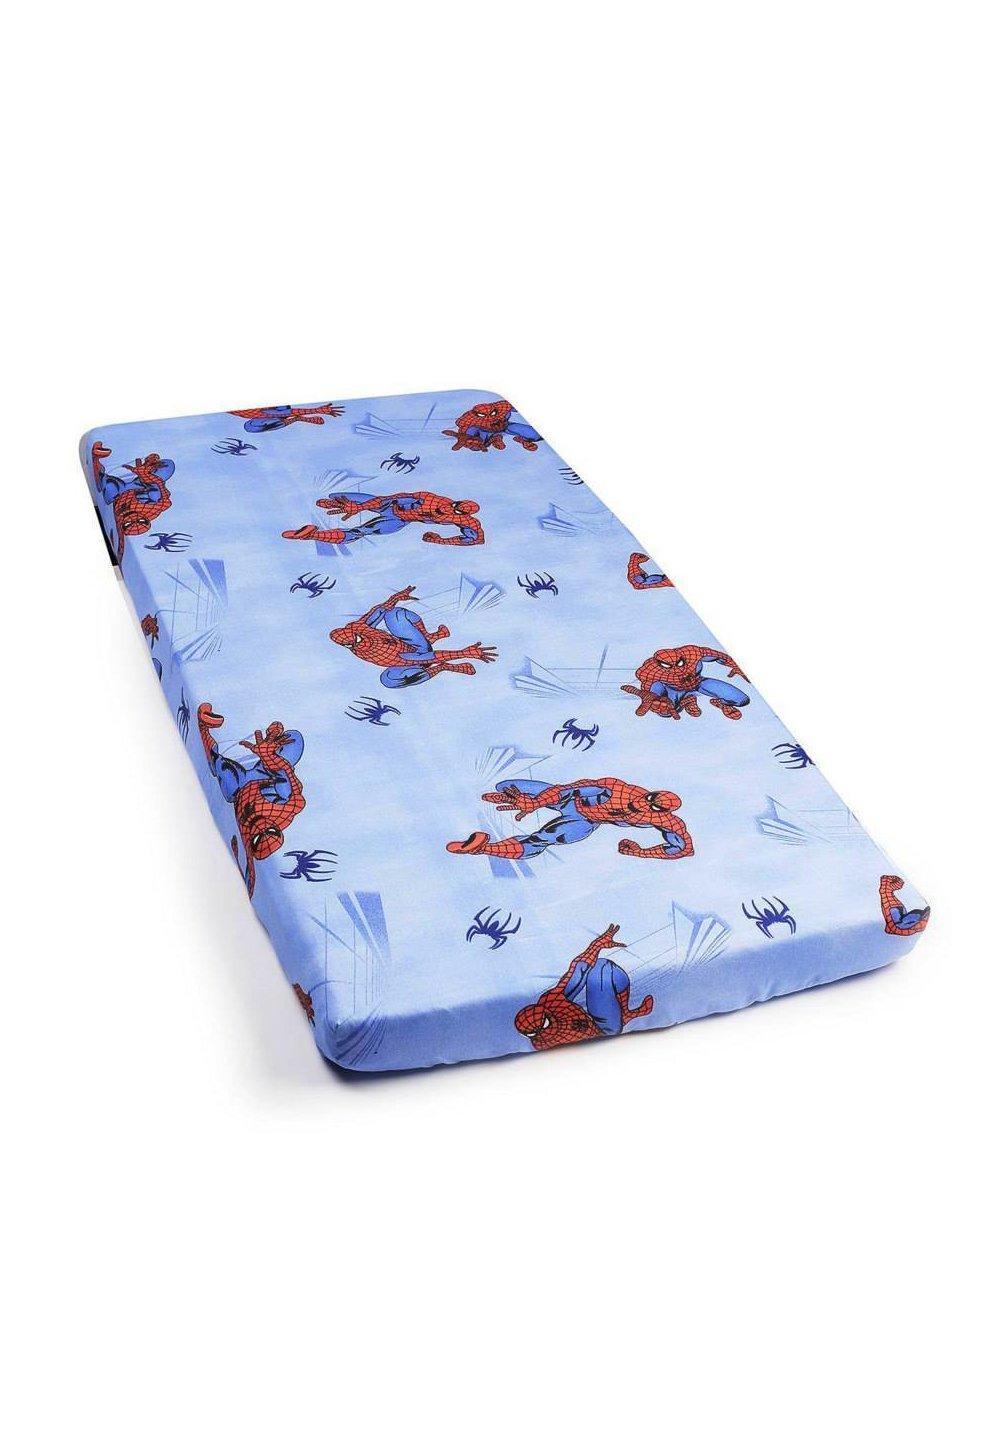 Cearceaf bumbac Spiderman,albastru 120 x 60 cm imagine